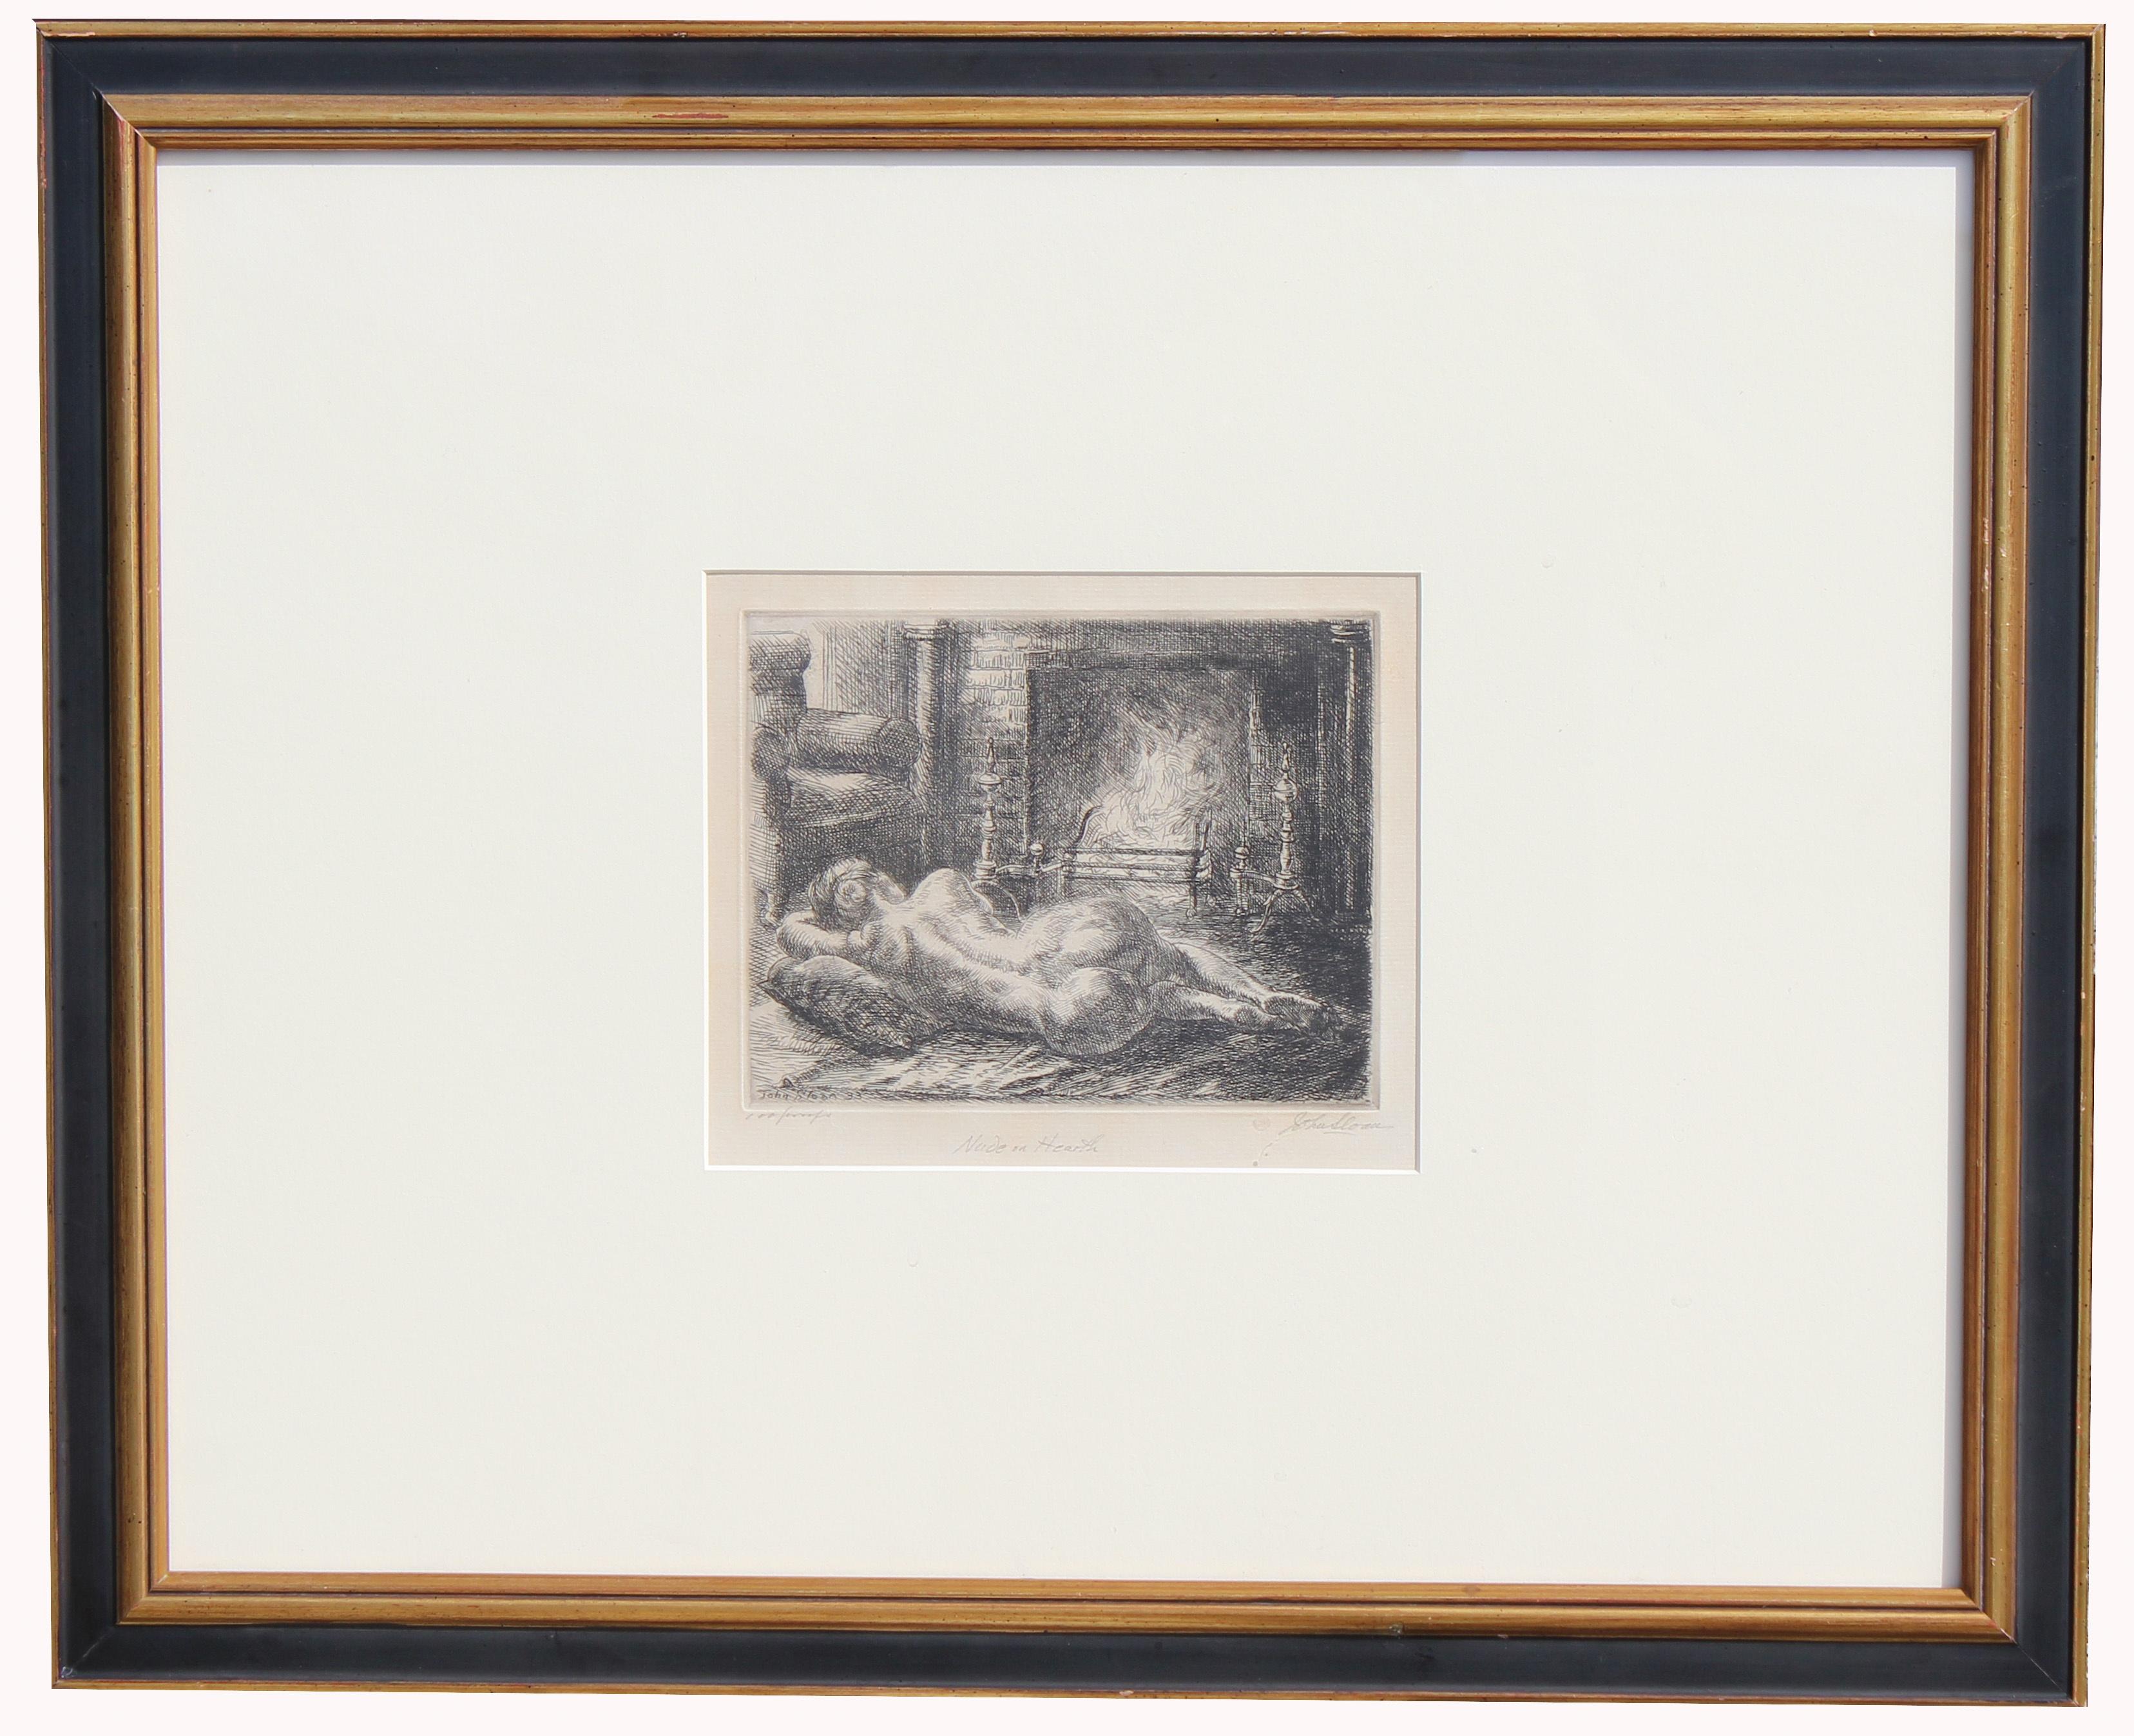 John Sloan (1871 - 1951) Nude Etching - Image 2 of 4